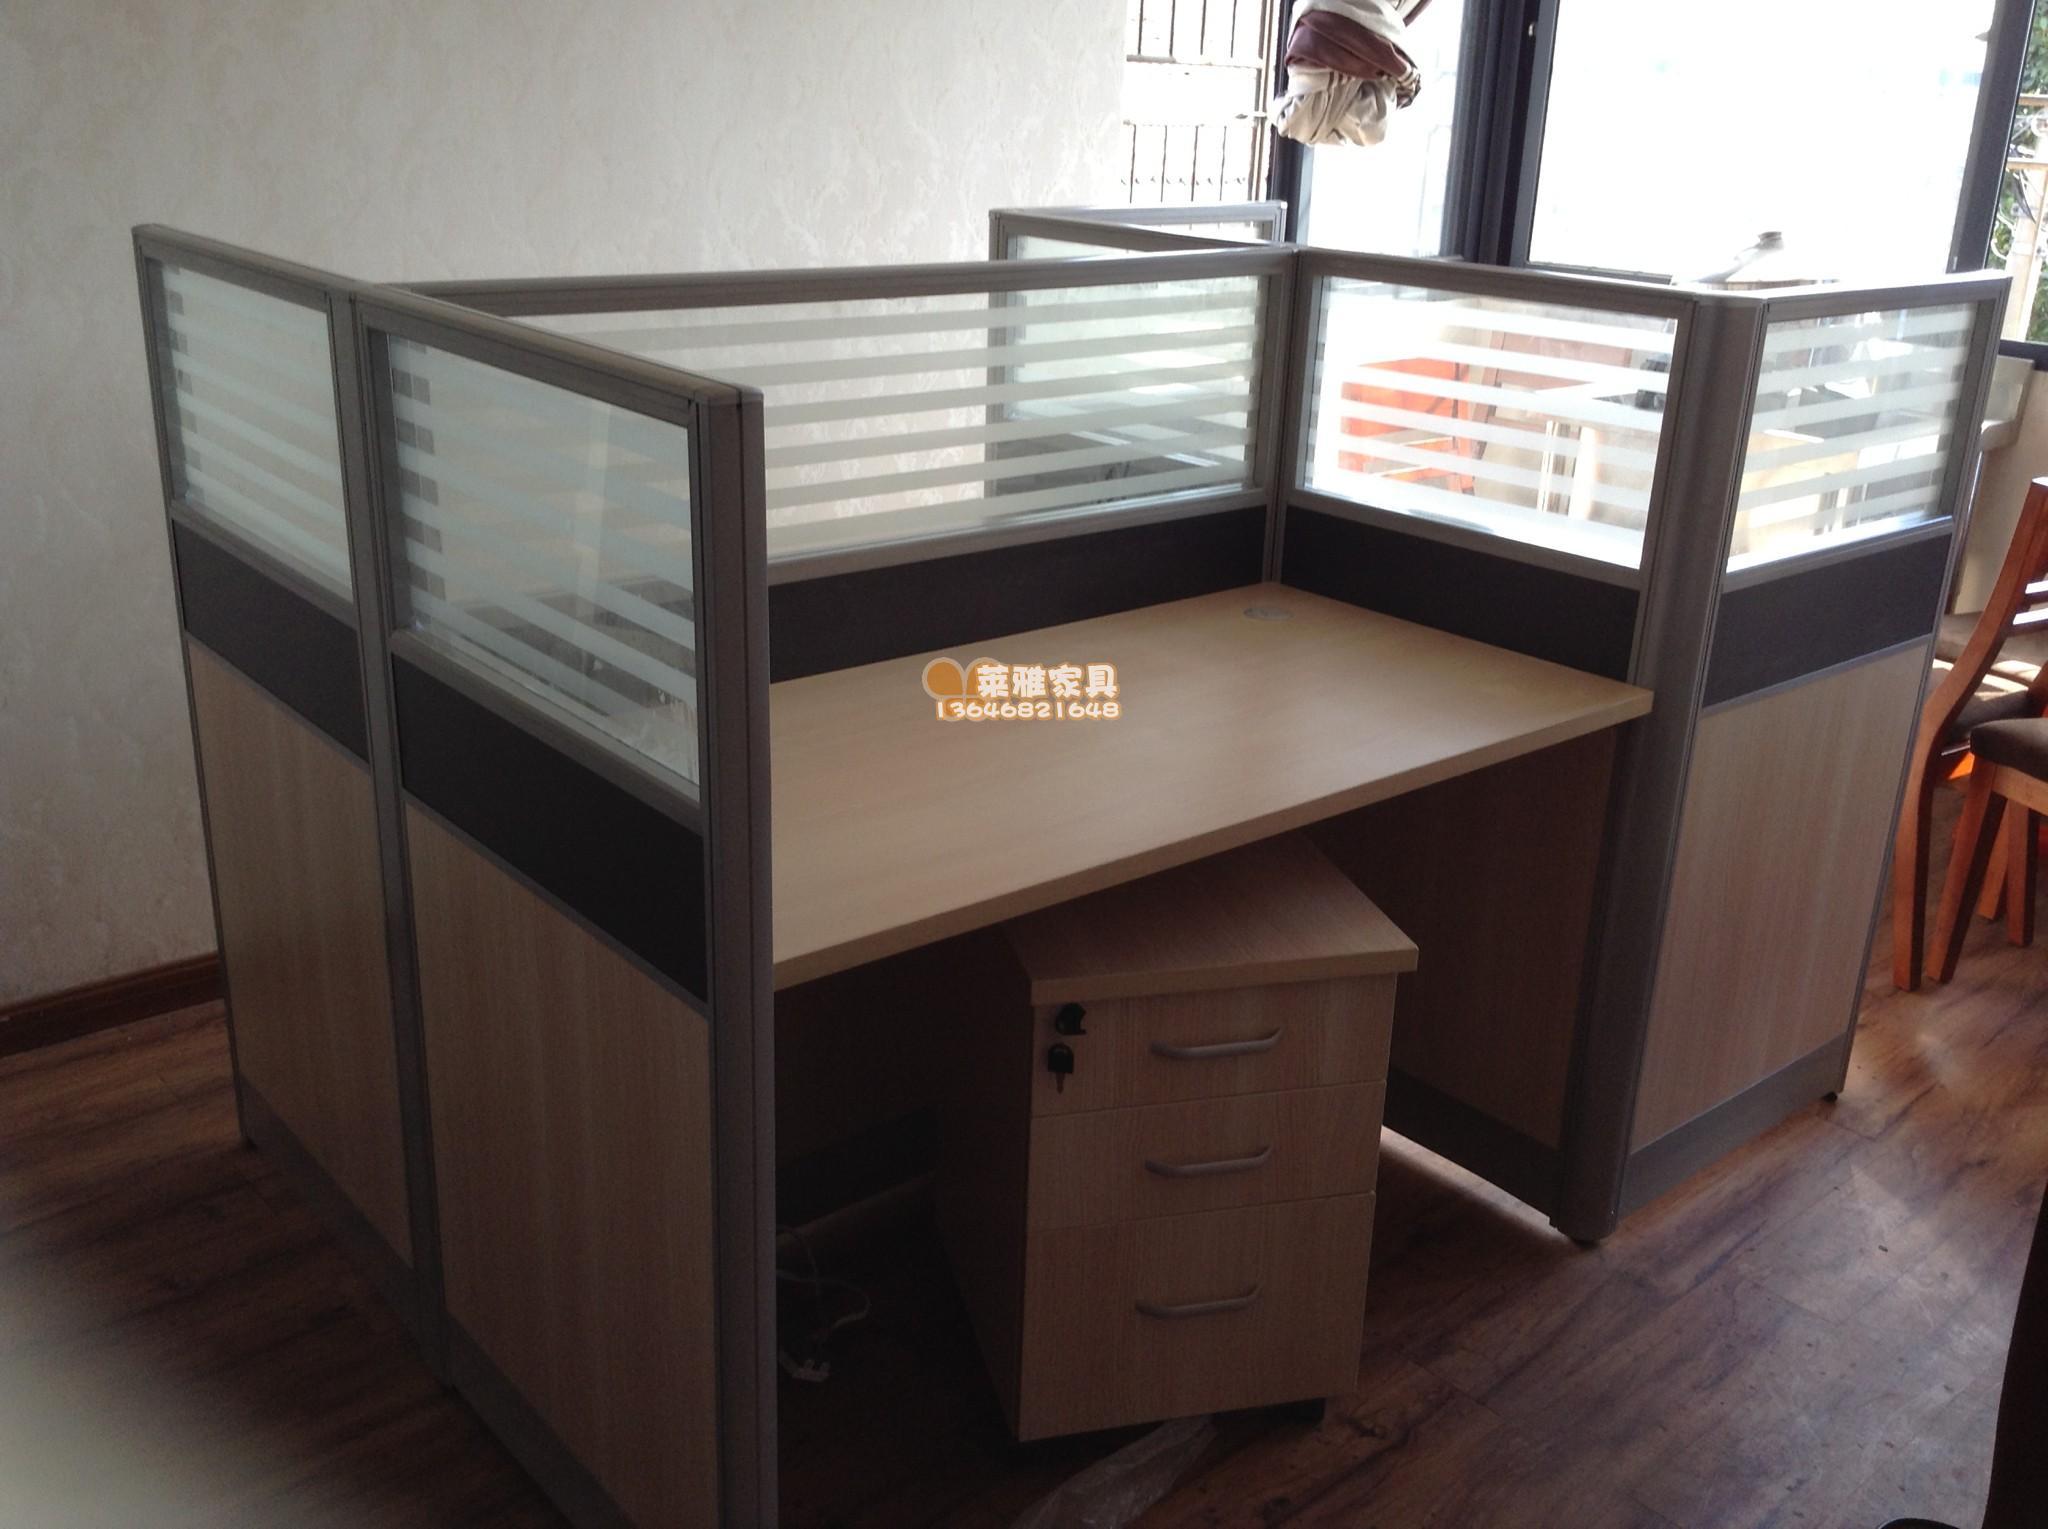 办公家具屏风办公桌员工位组合办公桌带安装图3232pp3232exd图纸图片